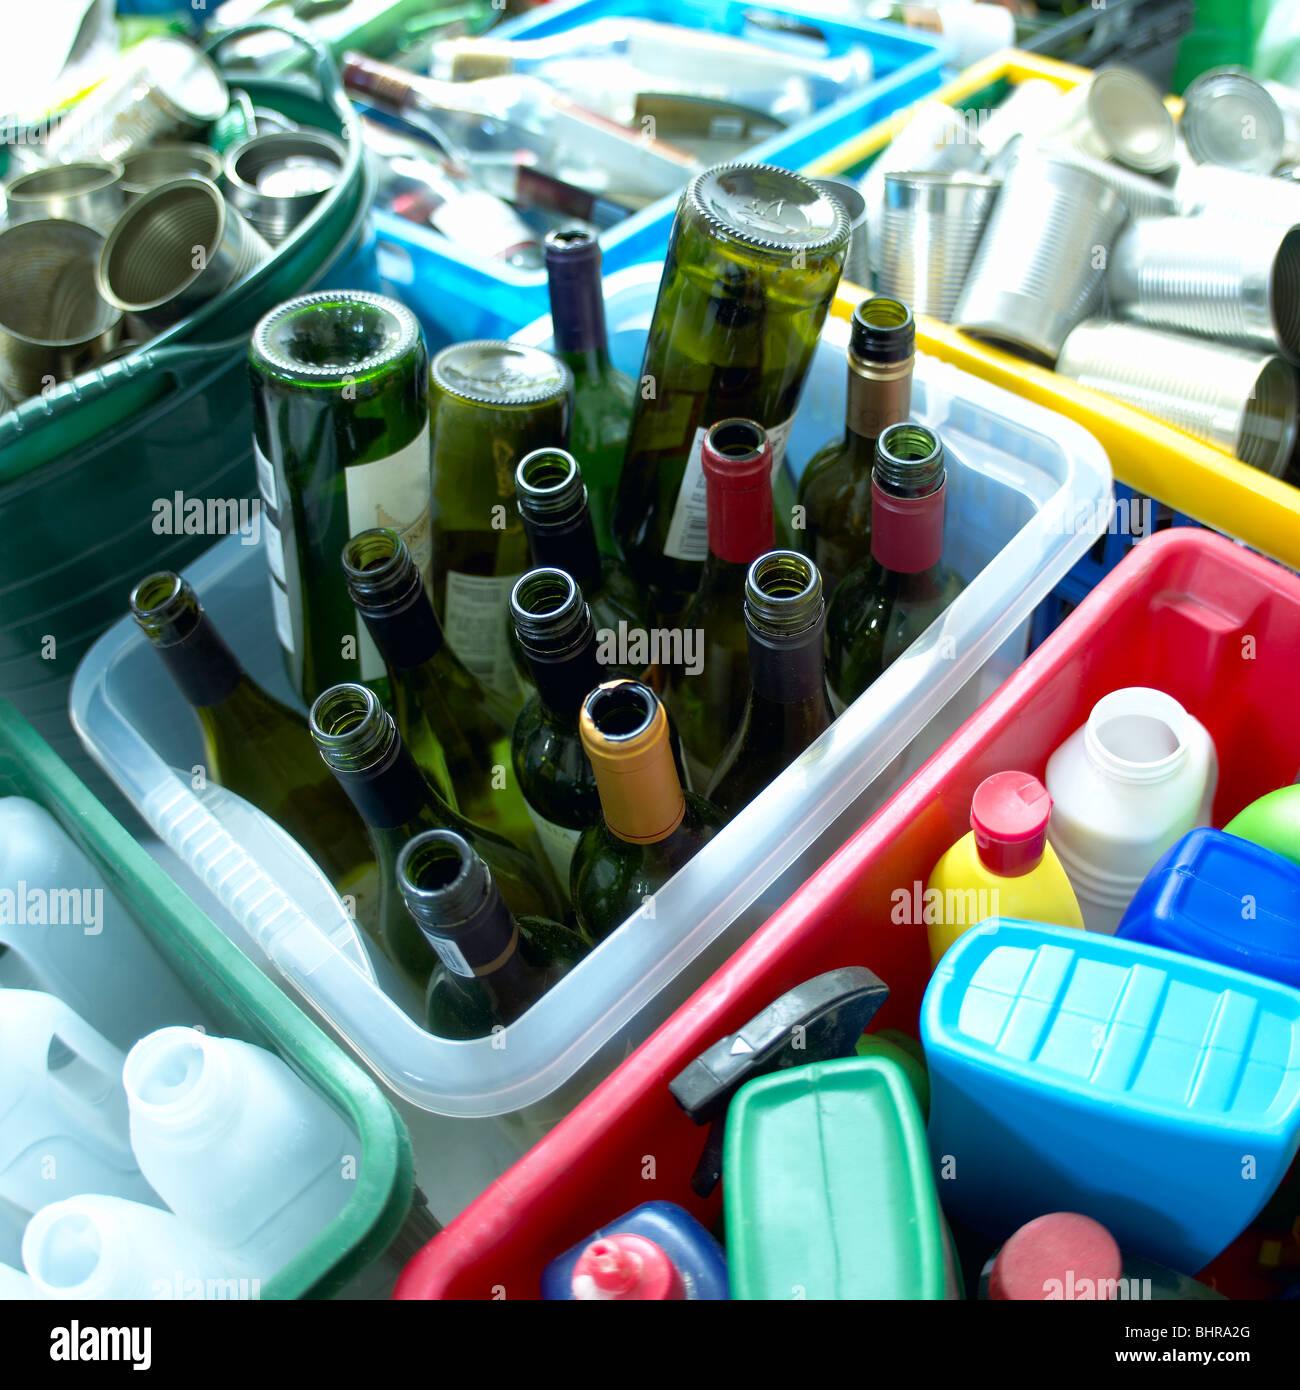 Articles dans des boîtes de recyclage Photo Stock